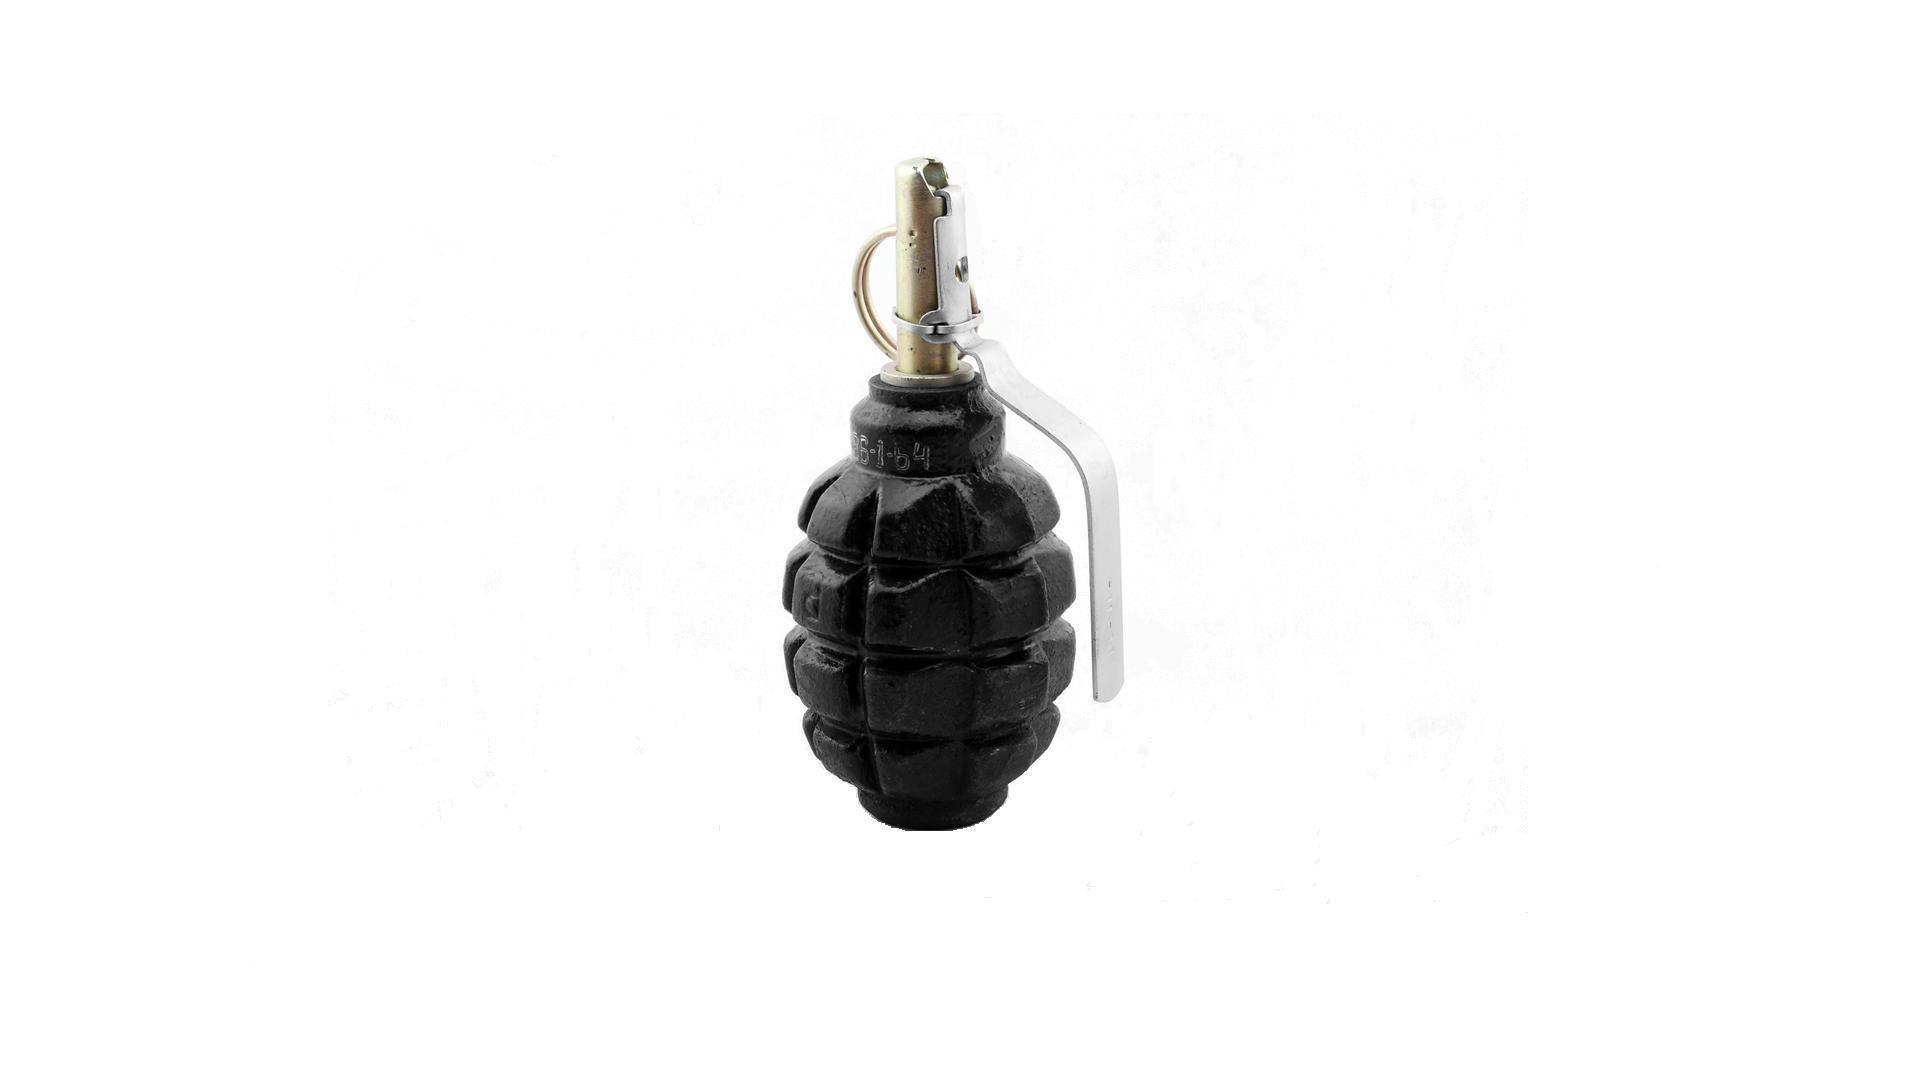 Military – Grenade Wallpaper